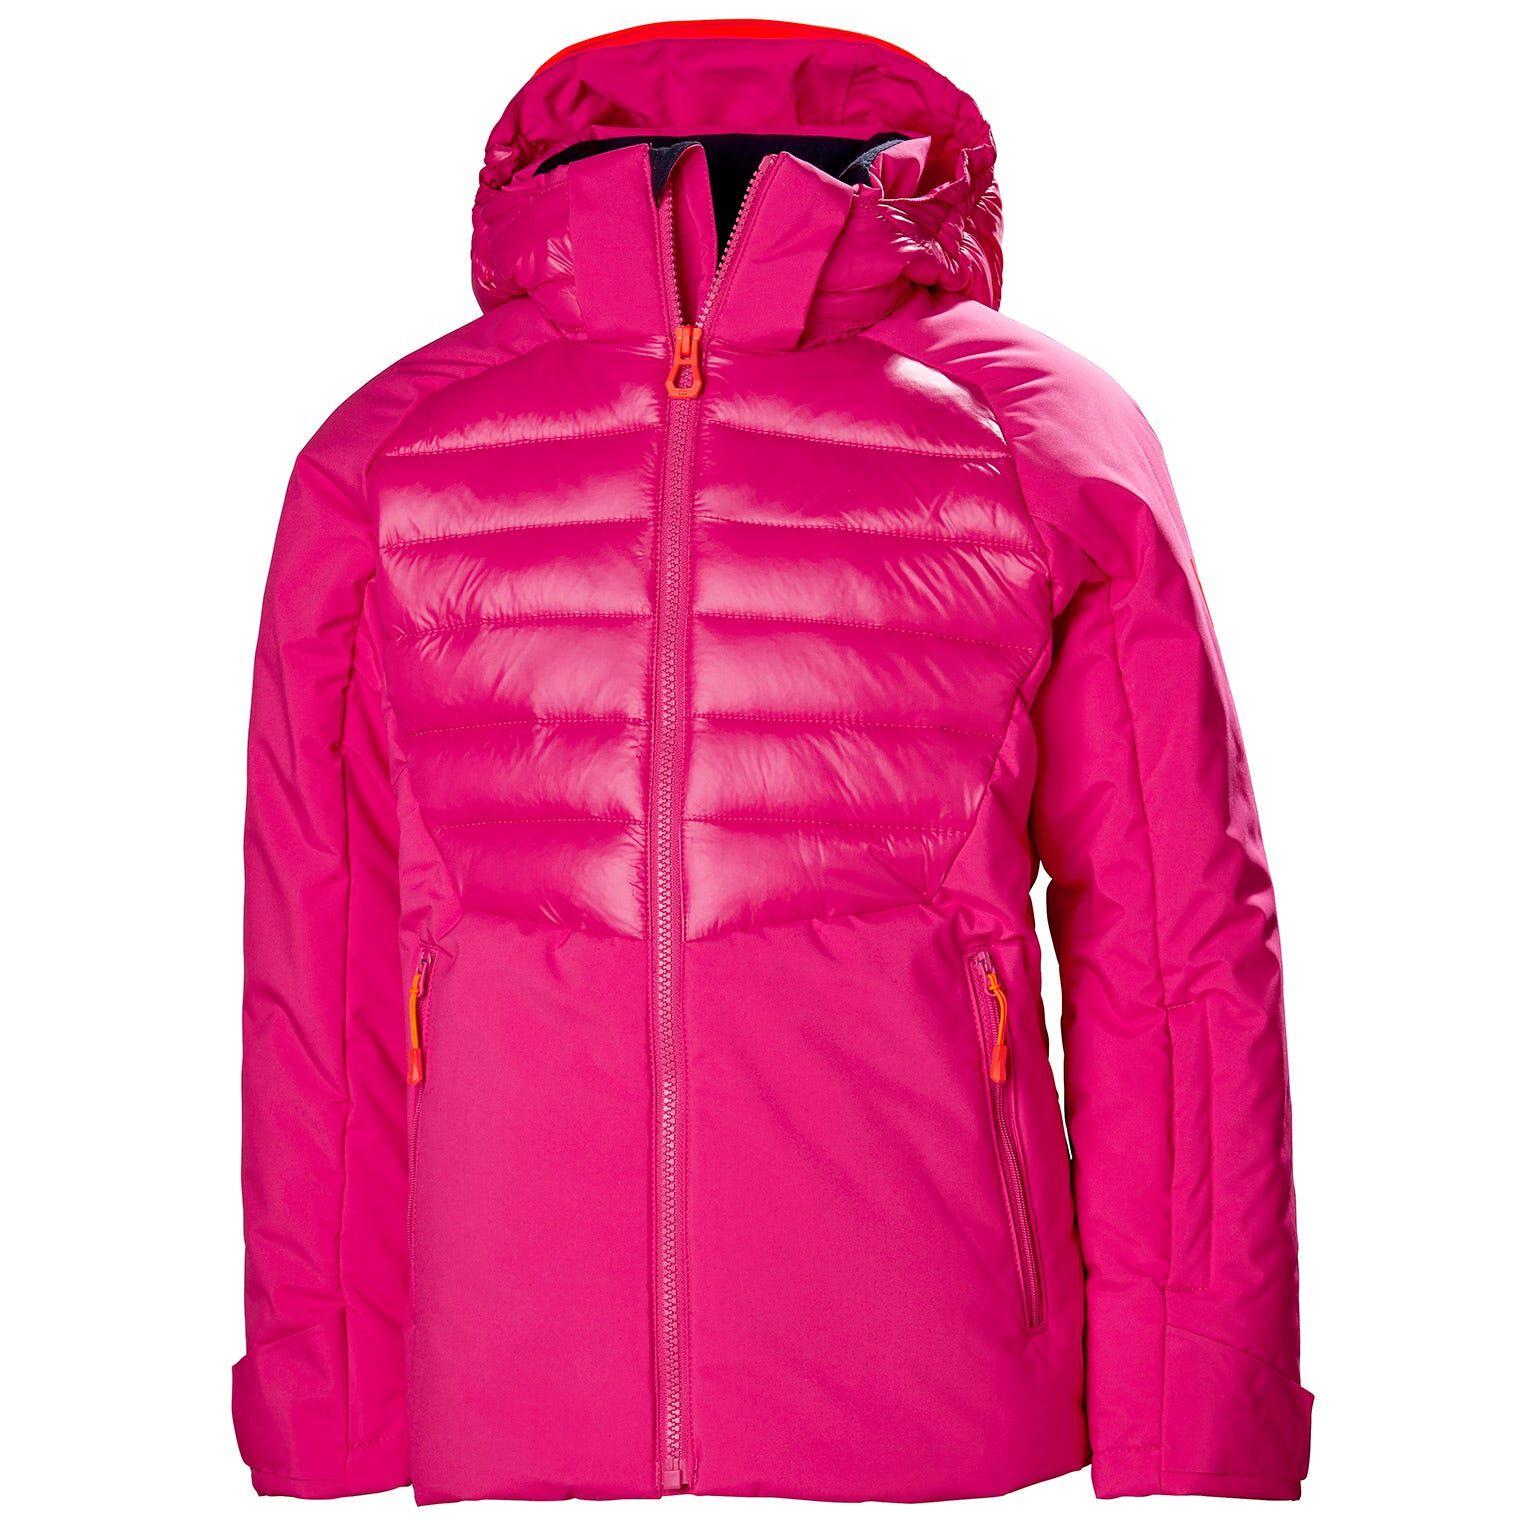 Helly Hansen Junior Snowstar Jacket Kids Pink 128/8